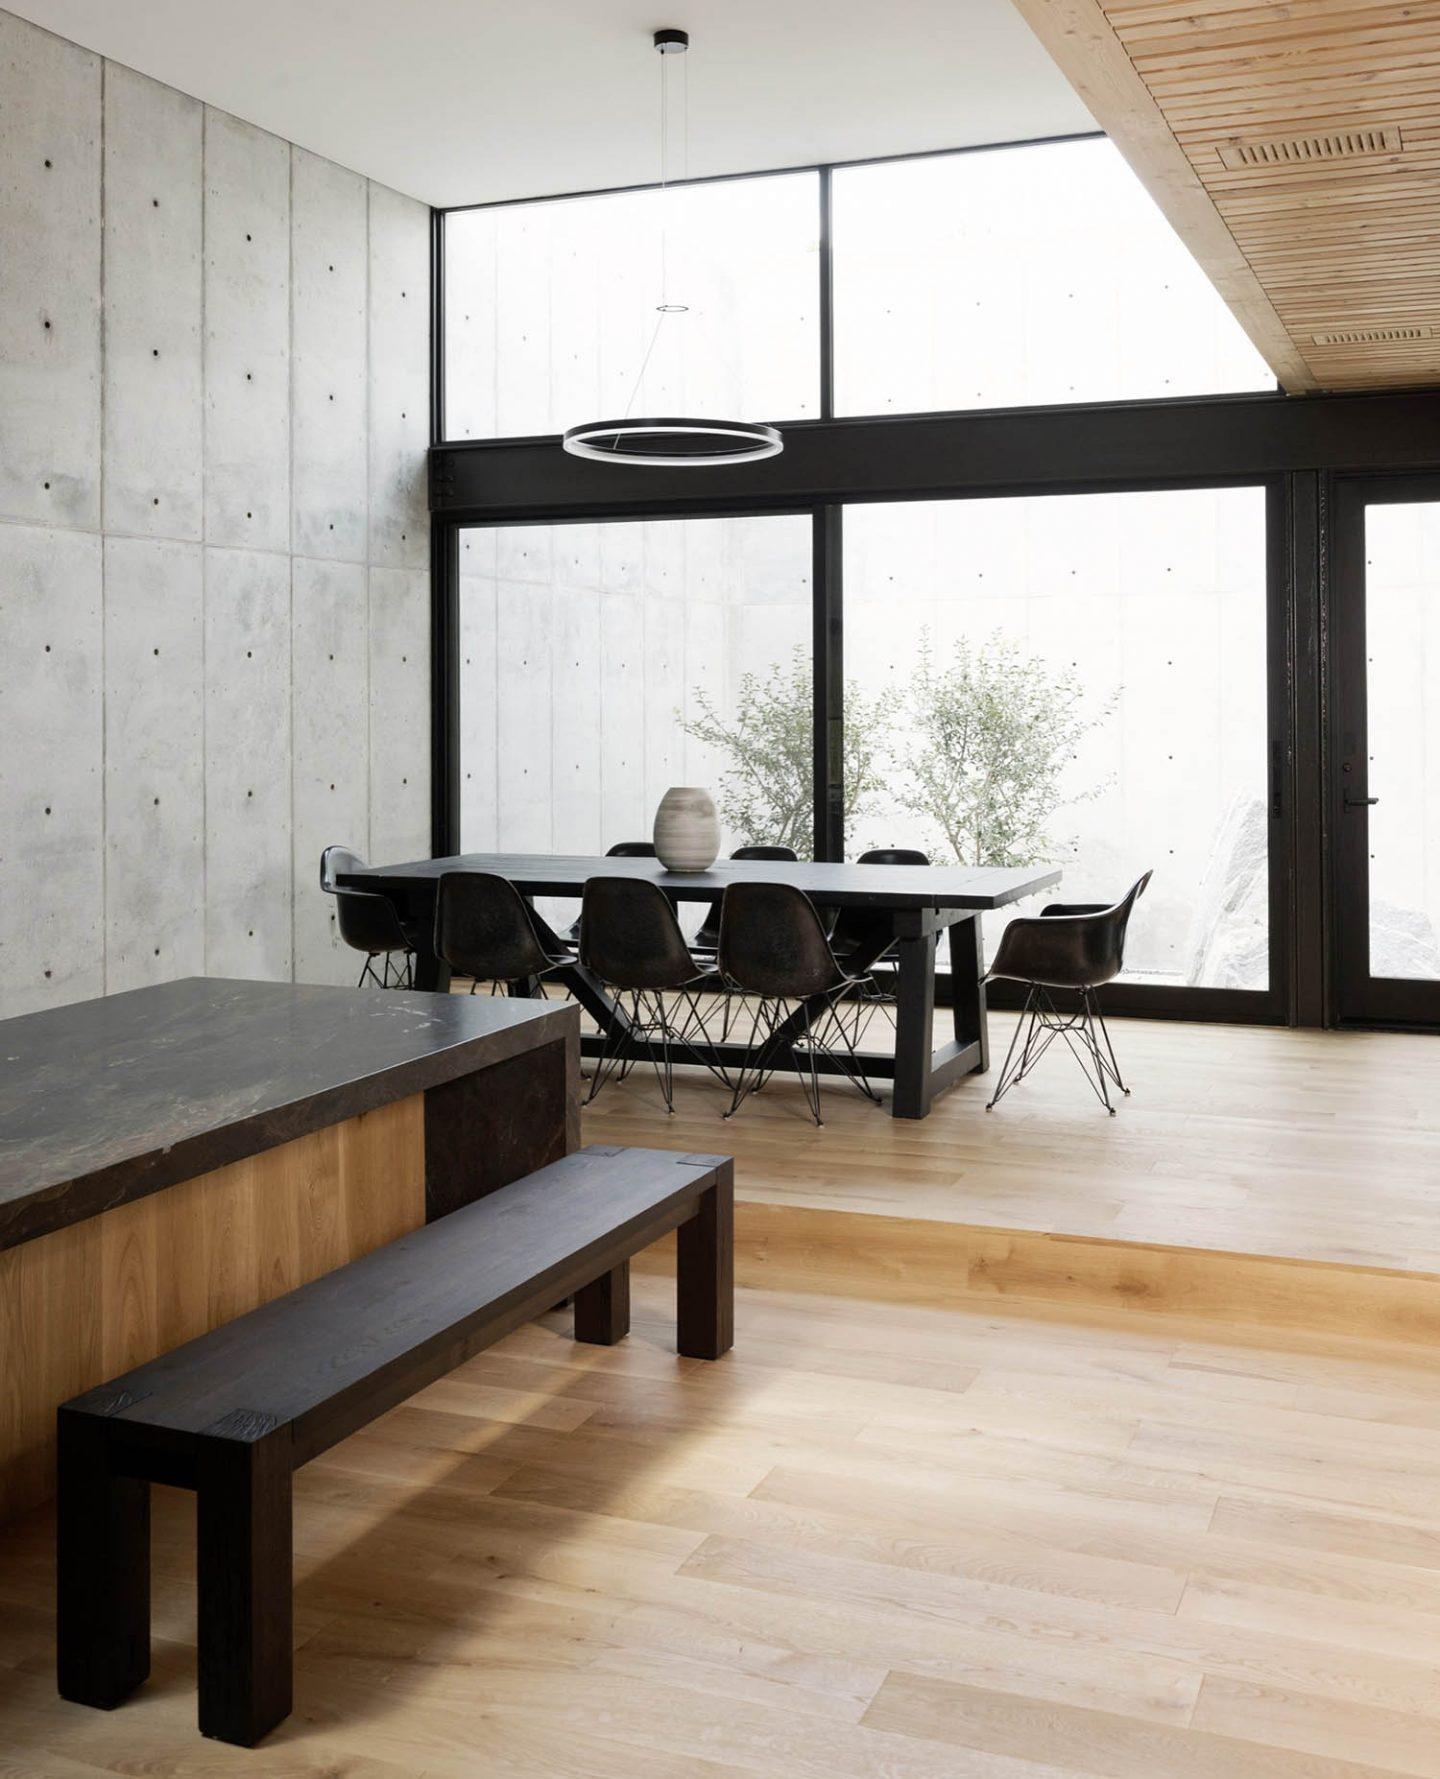 iGNANT_Architecture_Robertson_Design_Concrete_Box_House_15